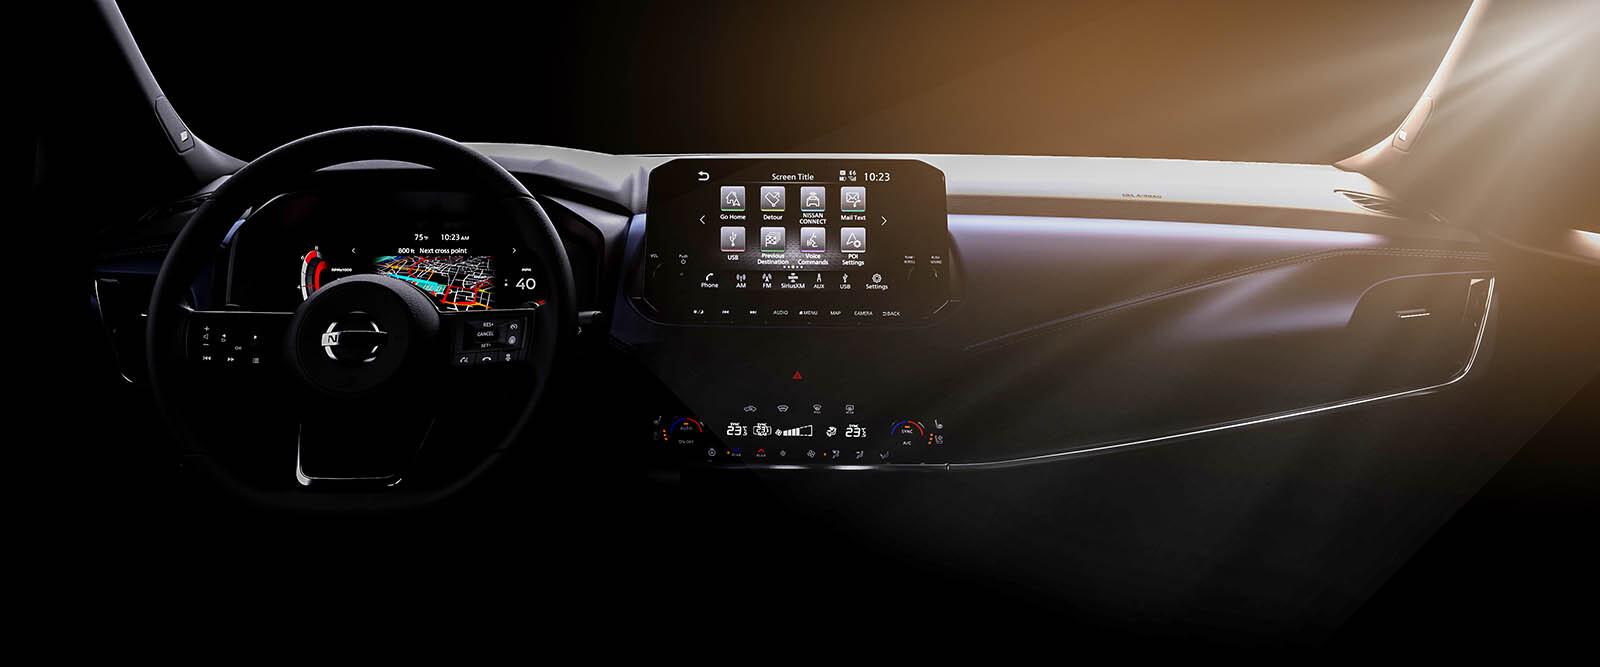 Foto de Nuevo Nissan Qashqai 2021 avance interior (1/14)